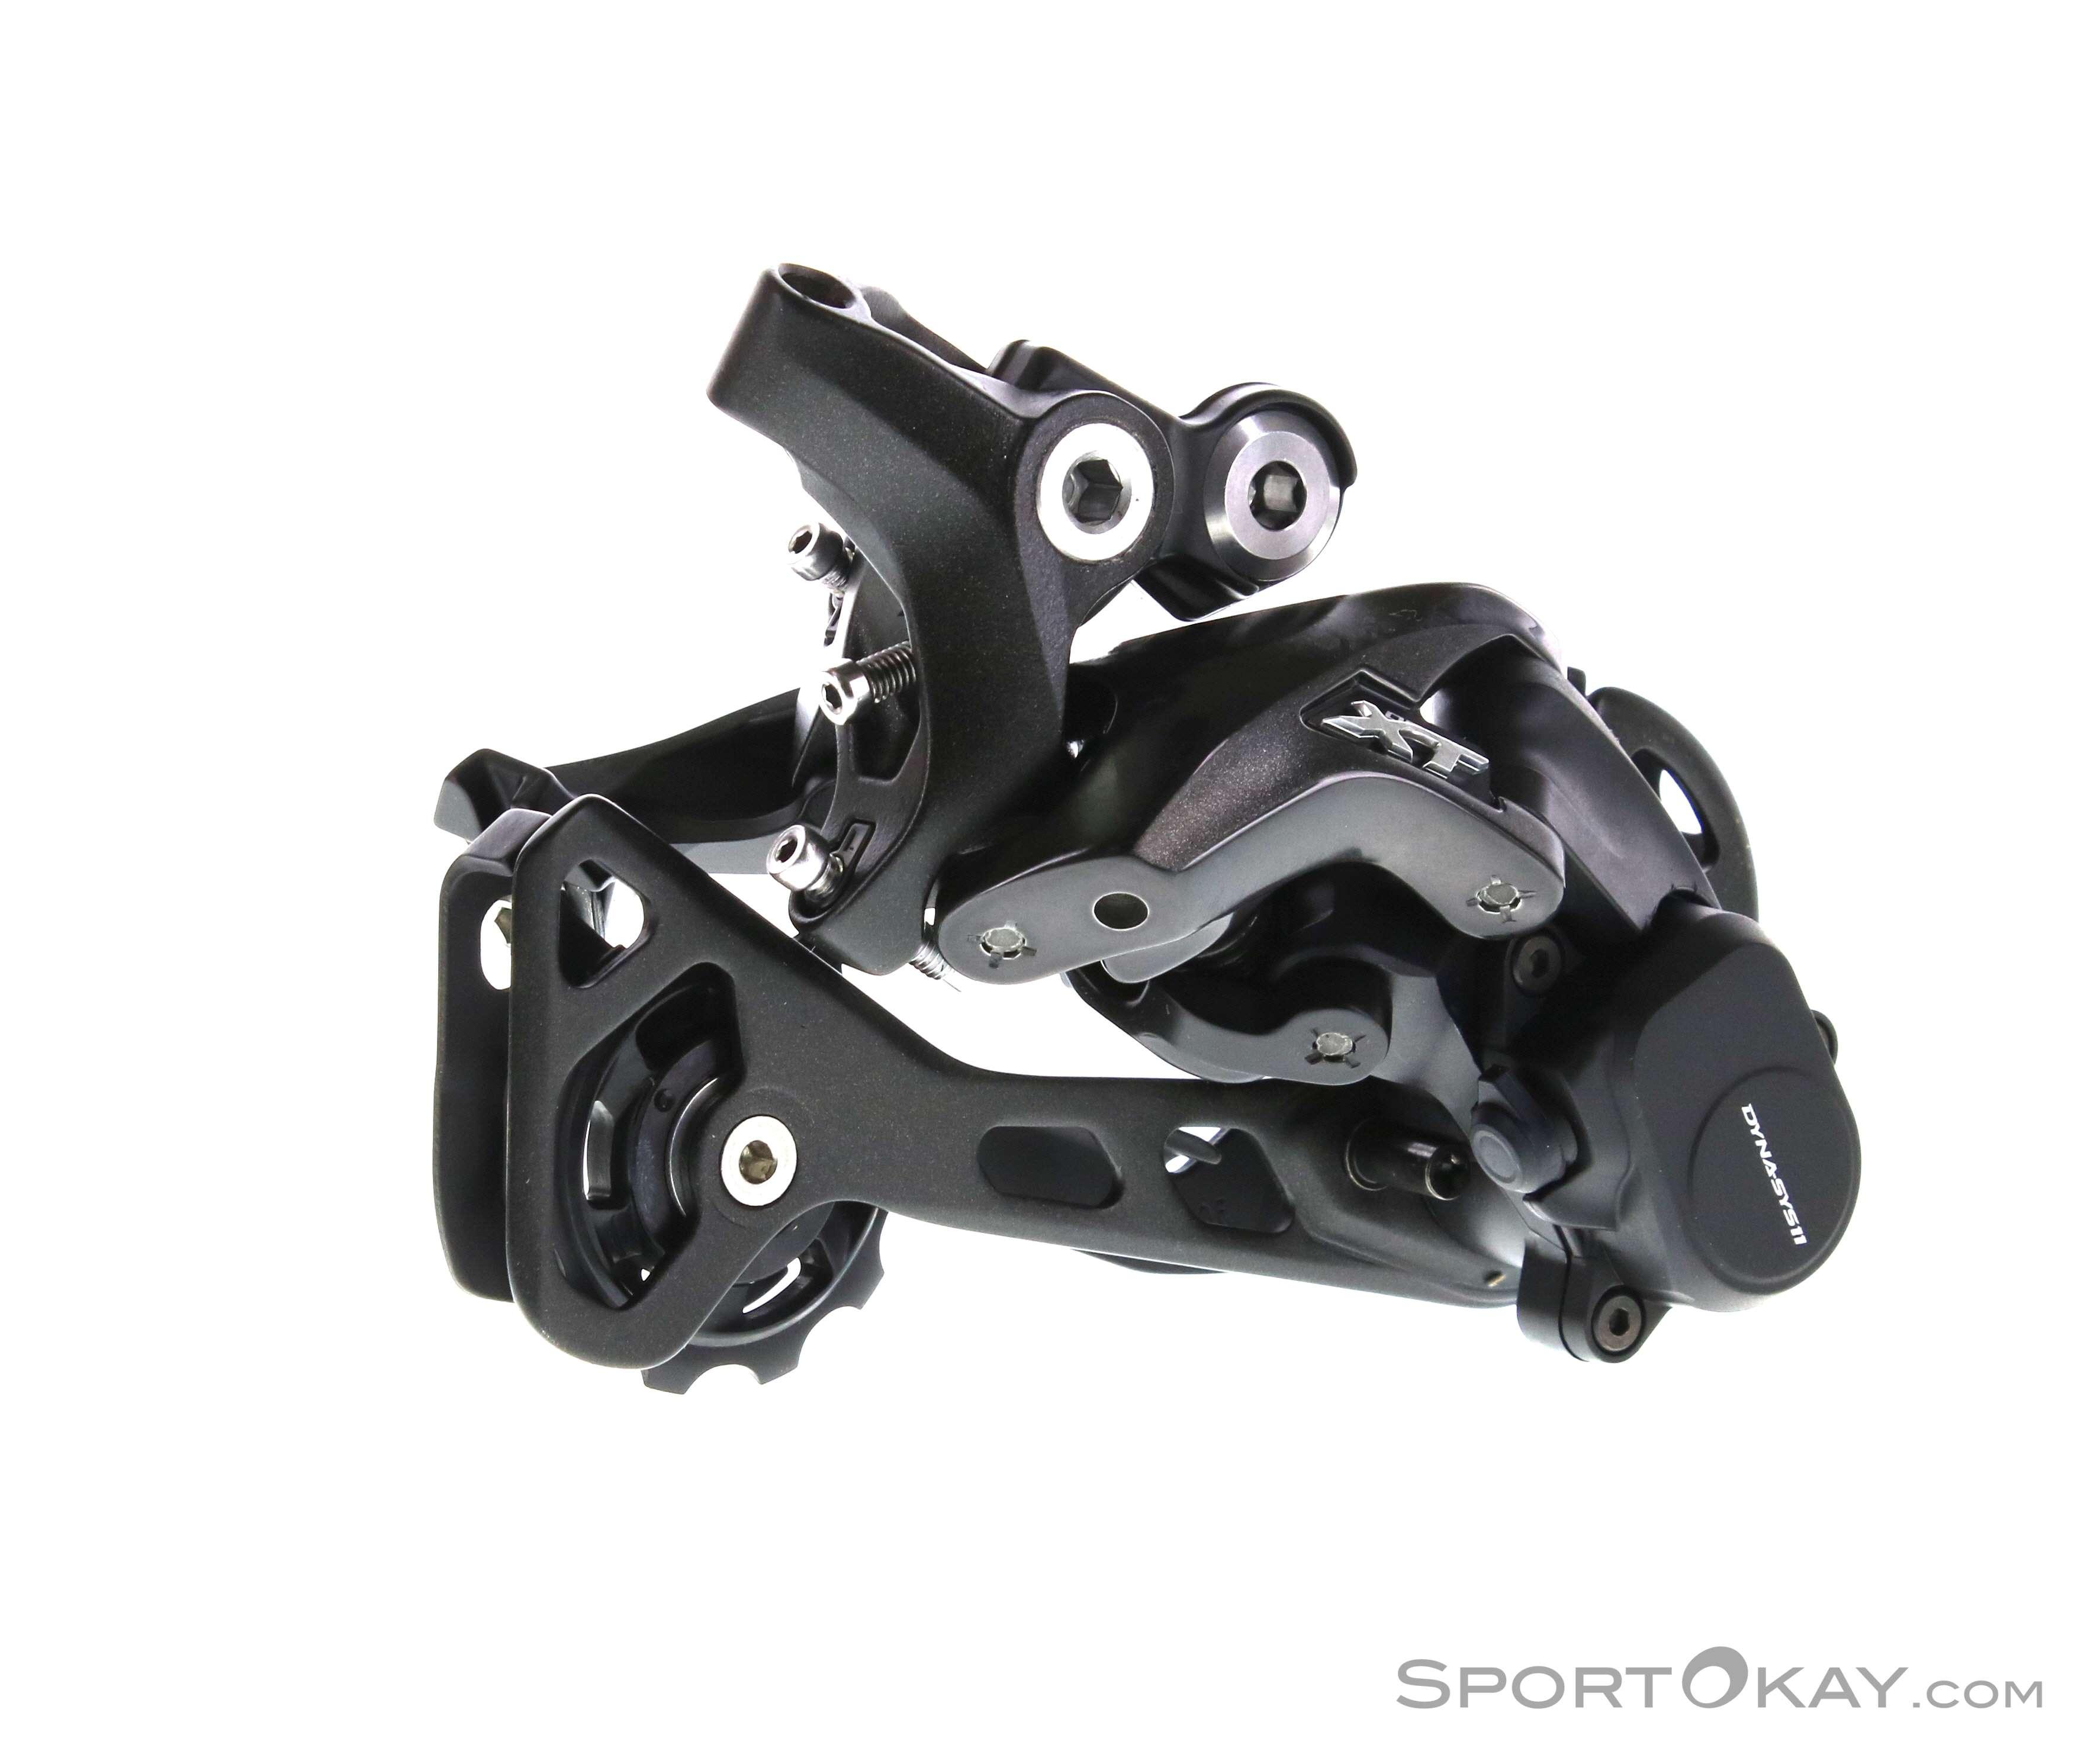 Shimano Shimano Deore XT M8000 Shadow Plus 11-Speed Rear Derailleur